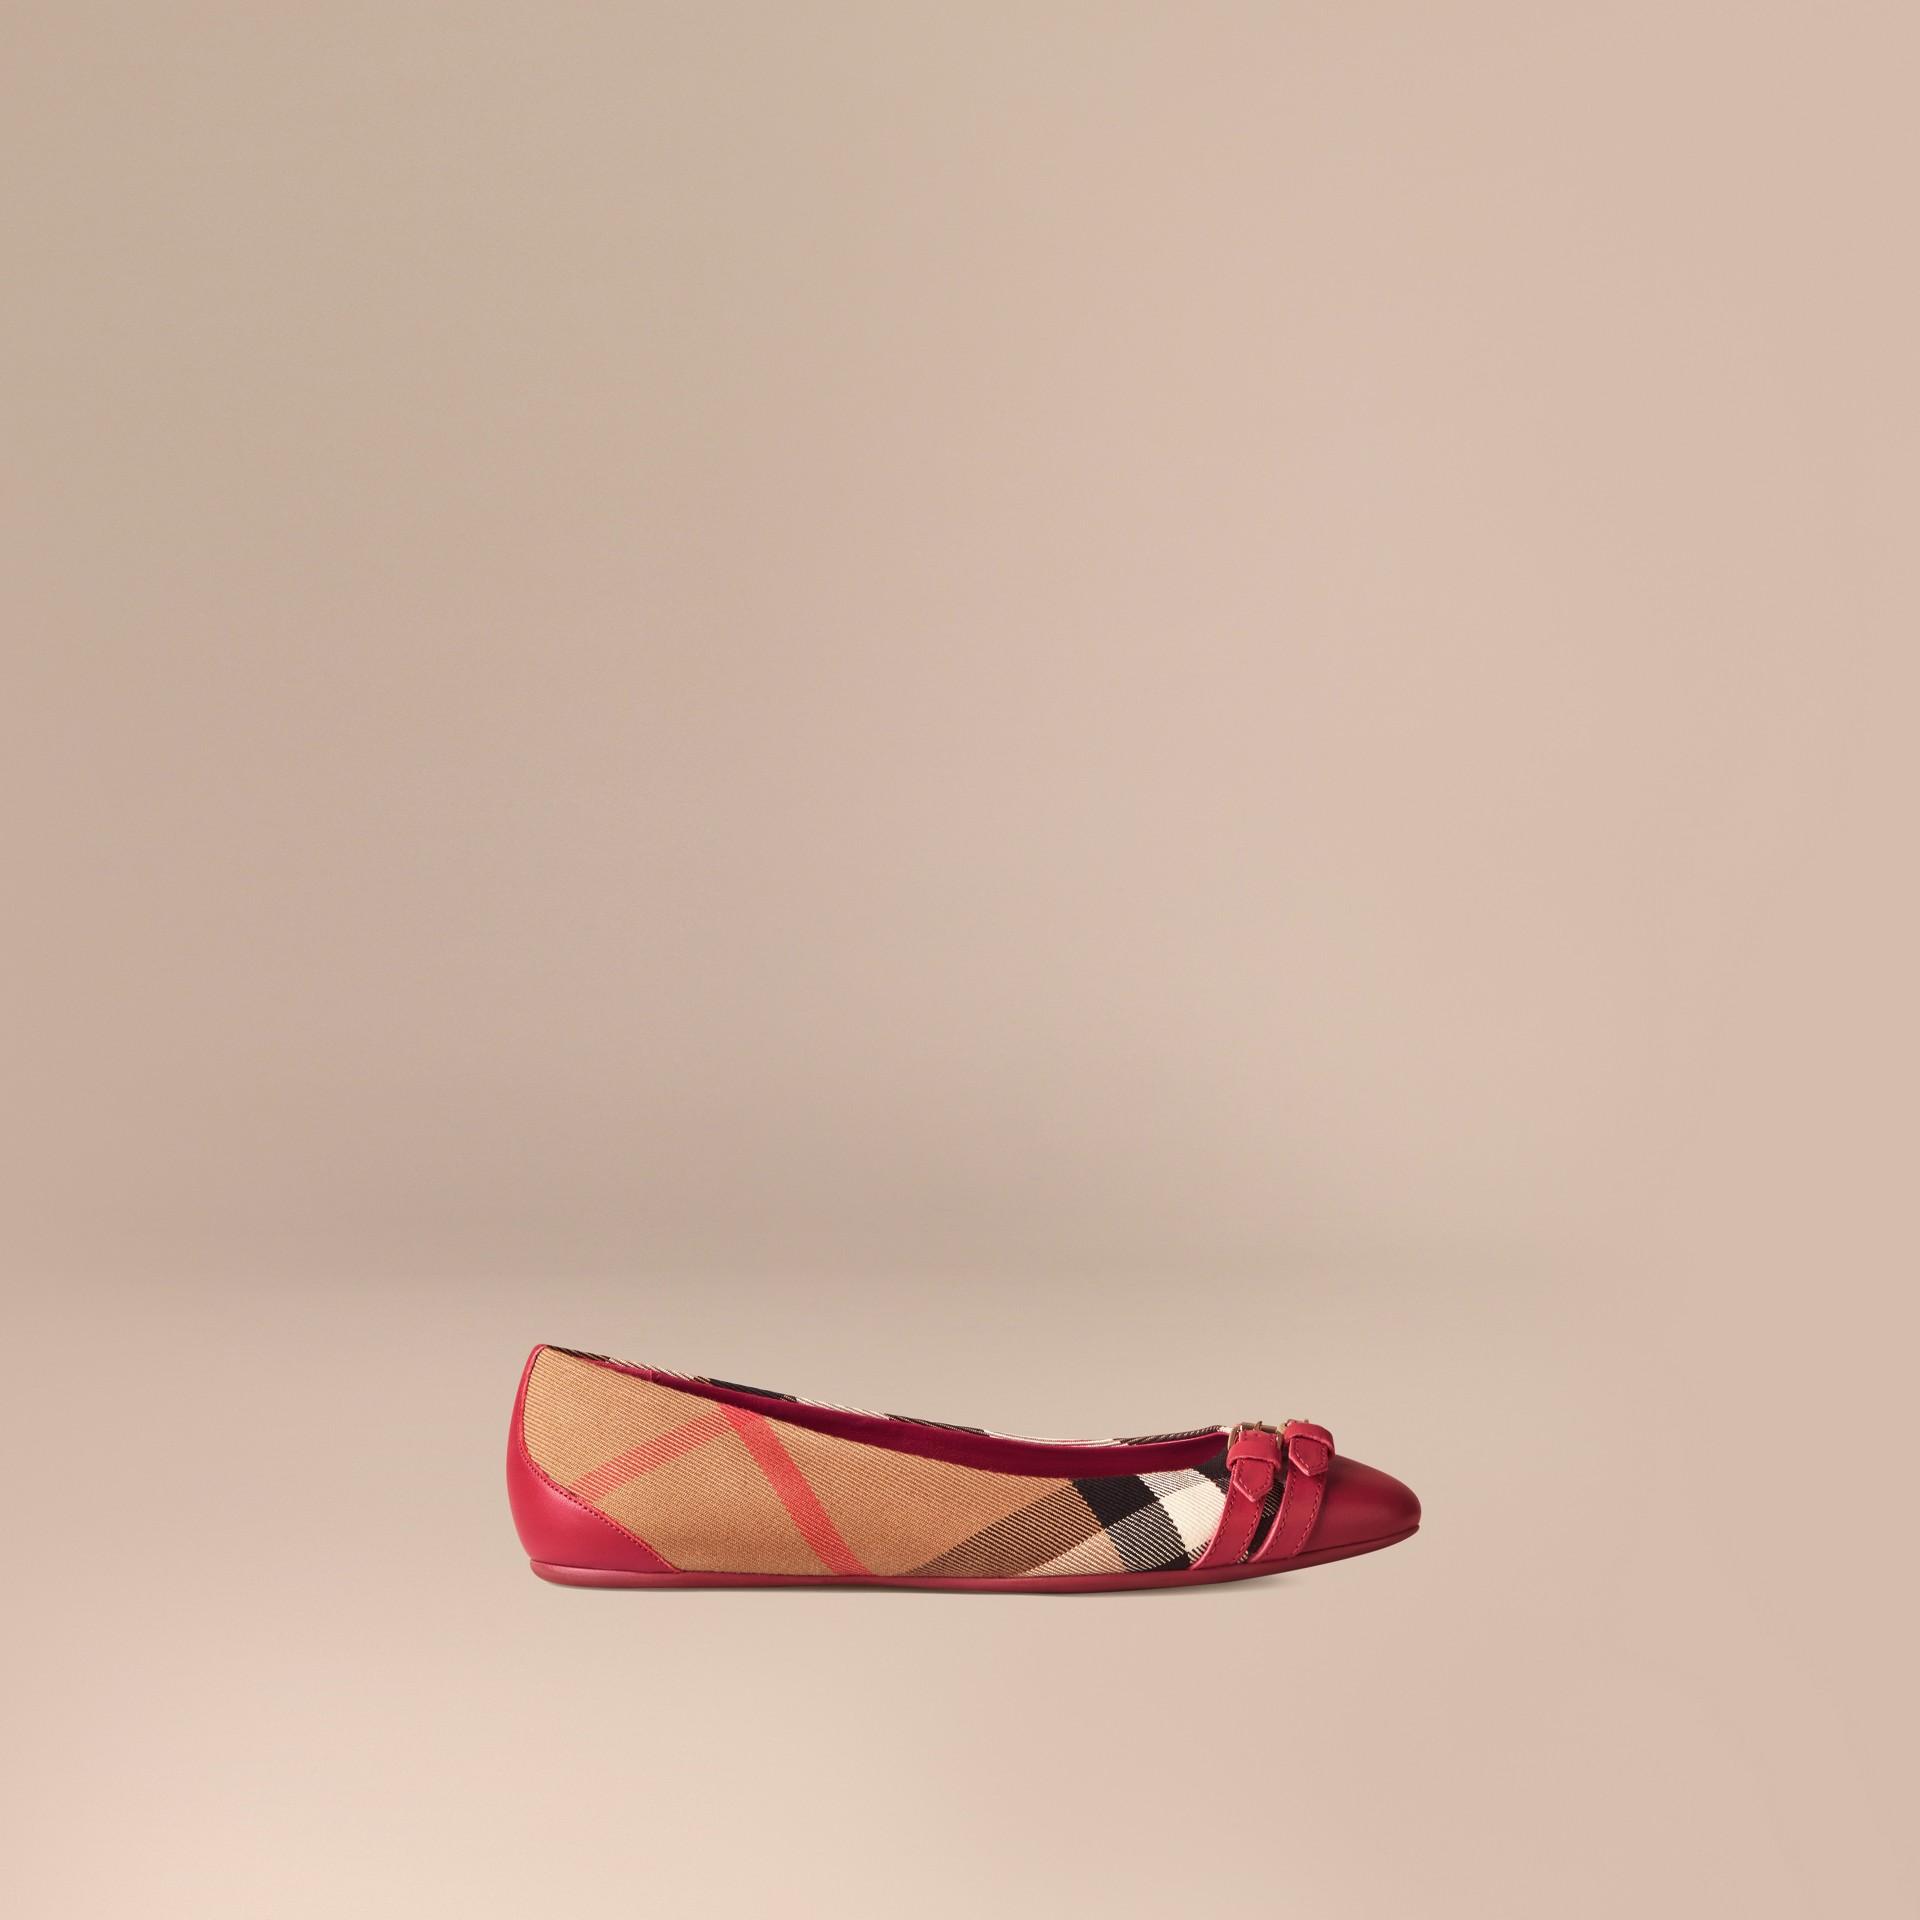 Vermelho russet Ballerinas com fivela estilo equestre e padrão House check - galeria de imagens 1